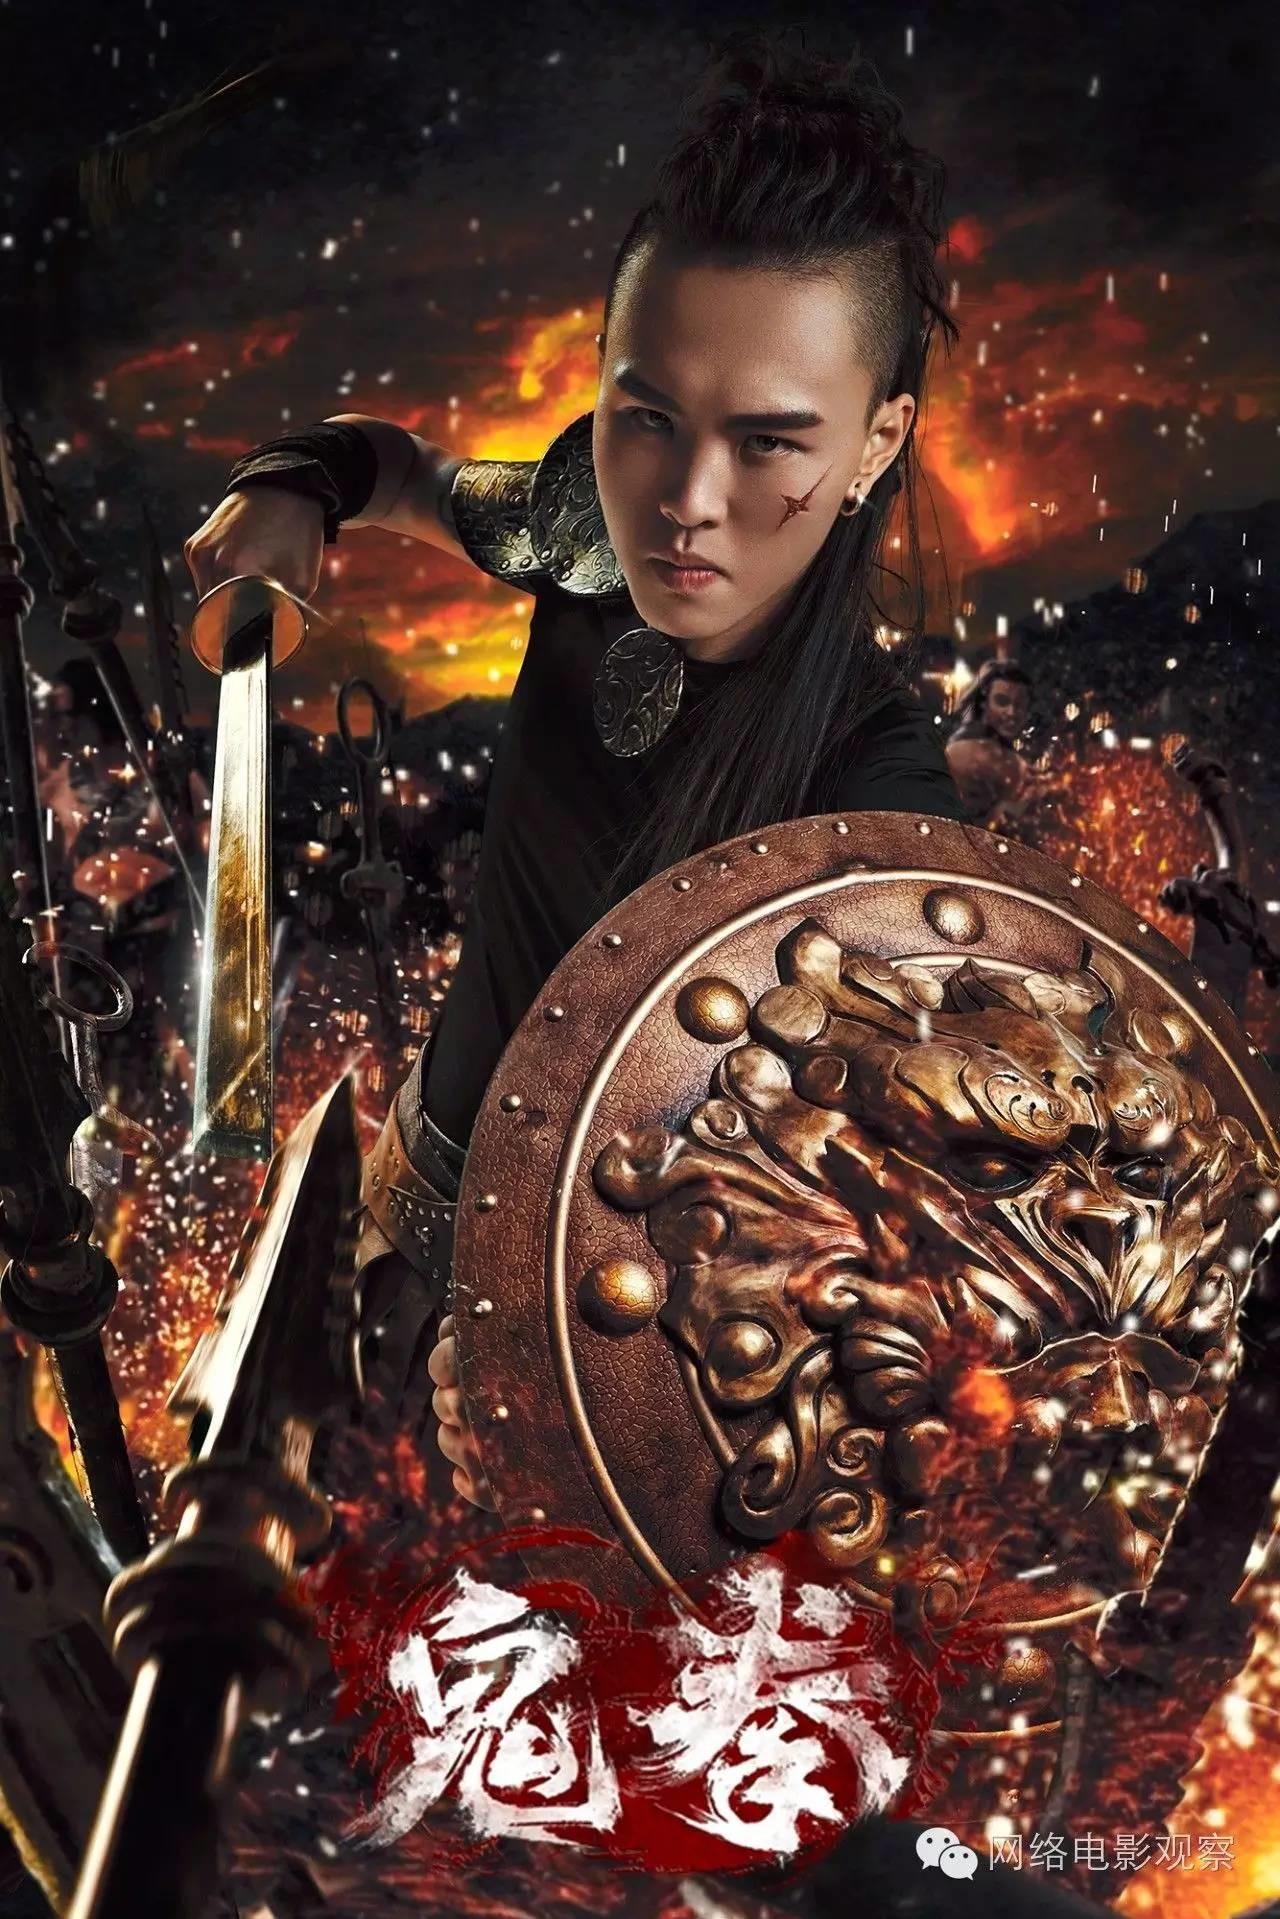 Трейлеры независимых фильмов: Black Scar Blues, Metal City Mayhem и Gui Quan 6